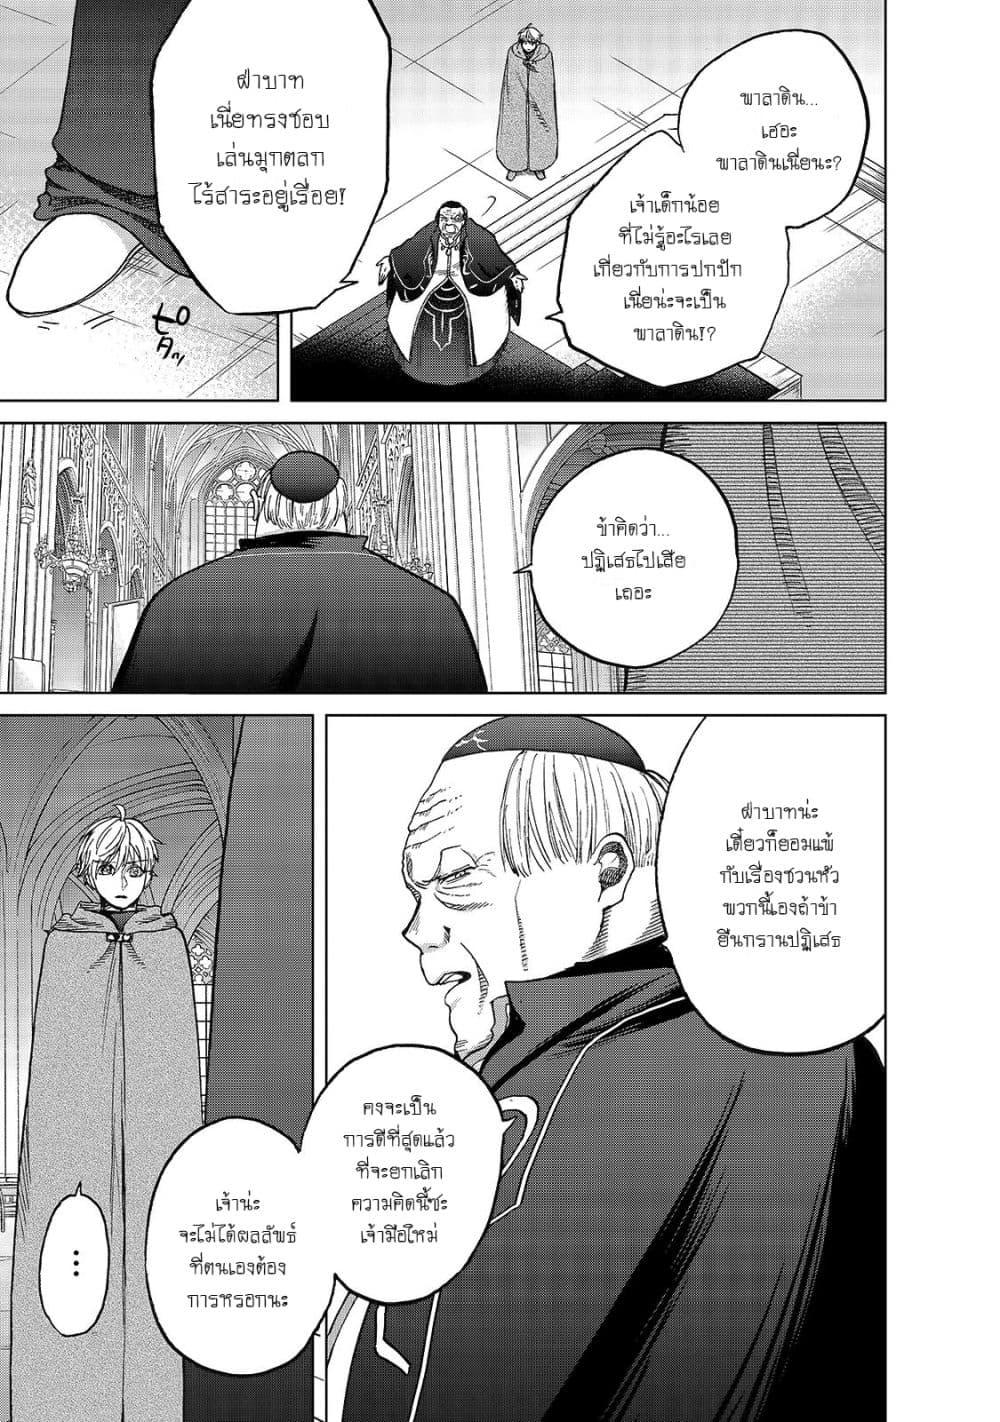 อ่านการ์ตูน Saihate no Paladin ตอนที่ 22 หน้าที่ 19